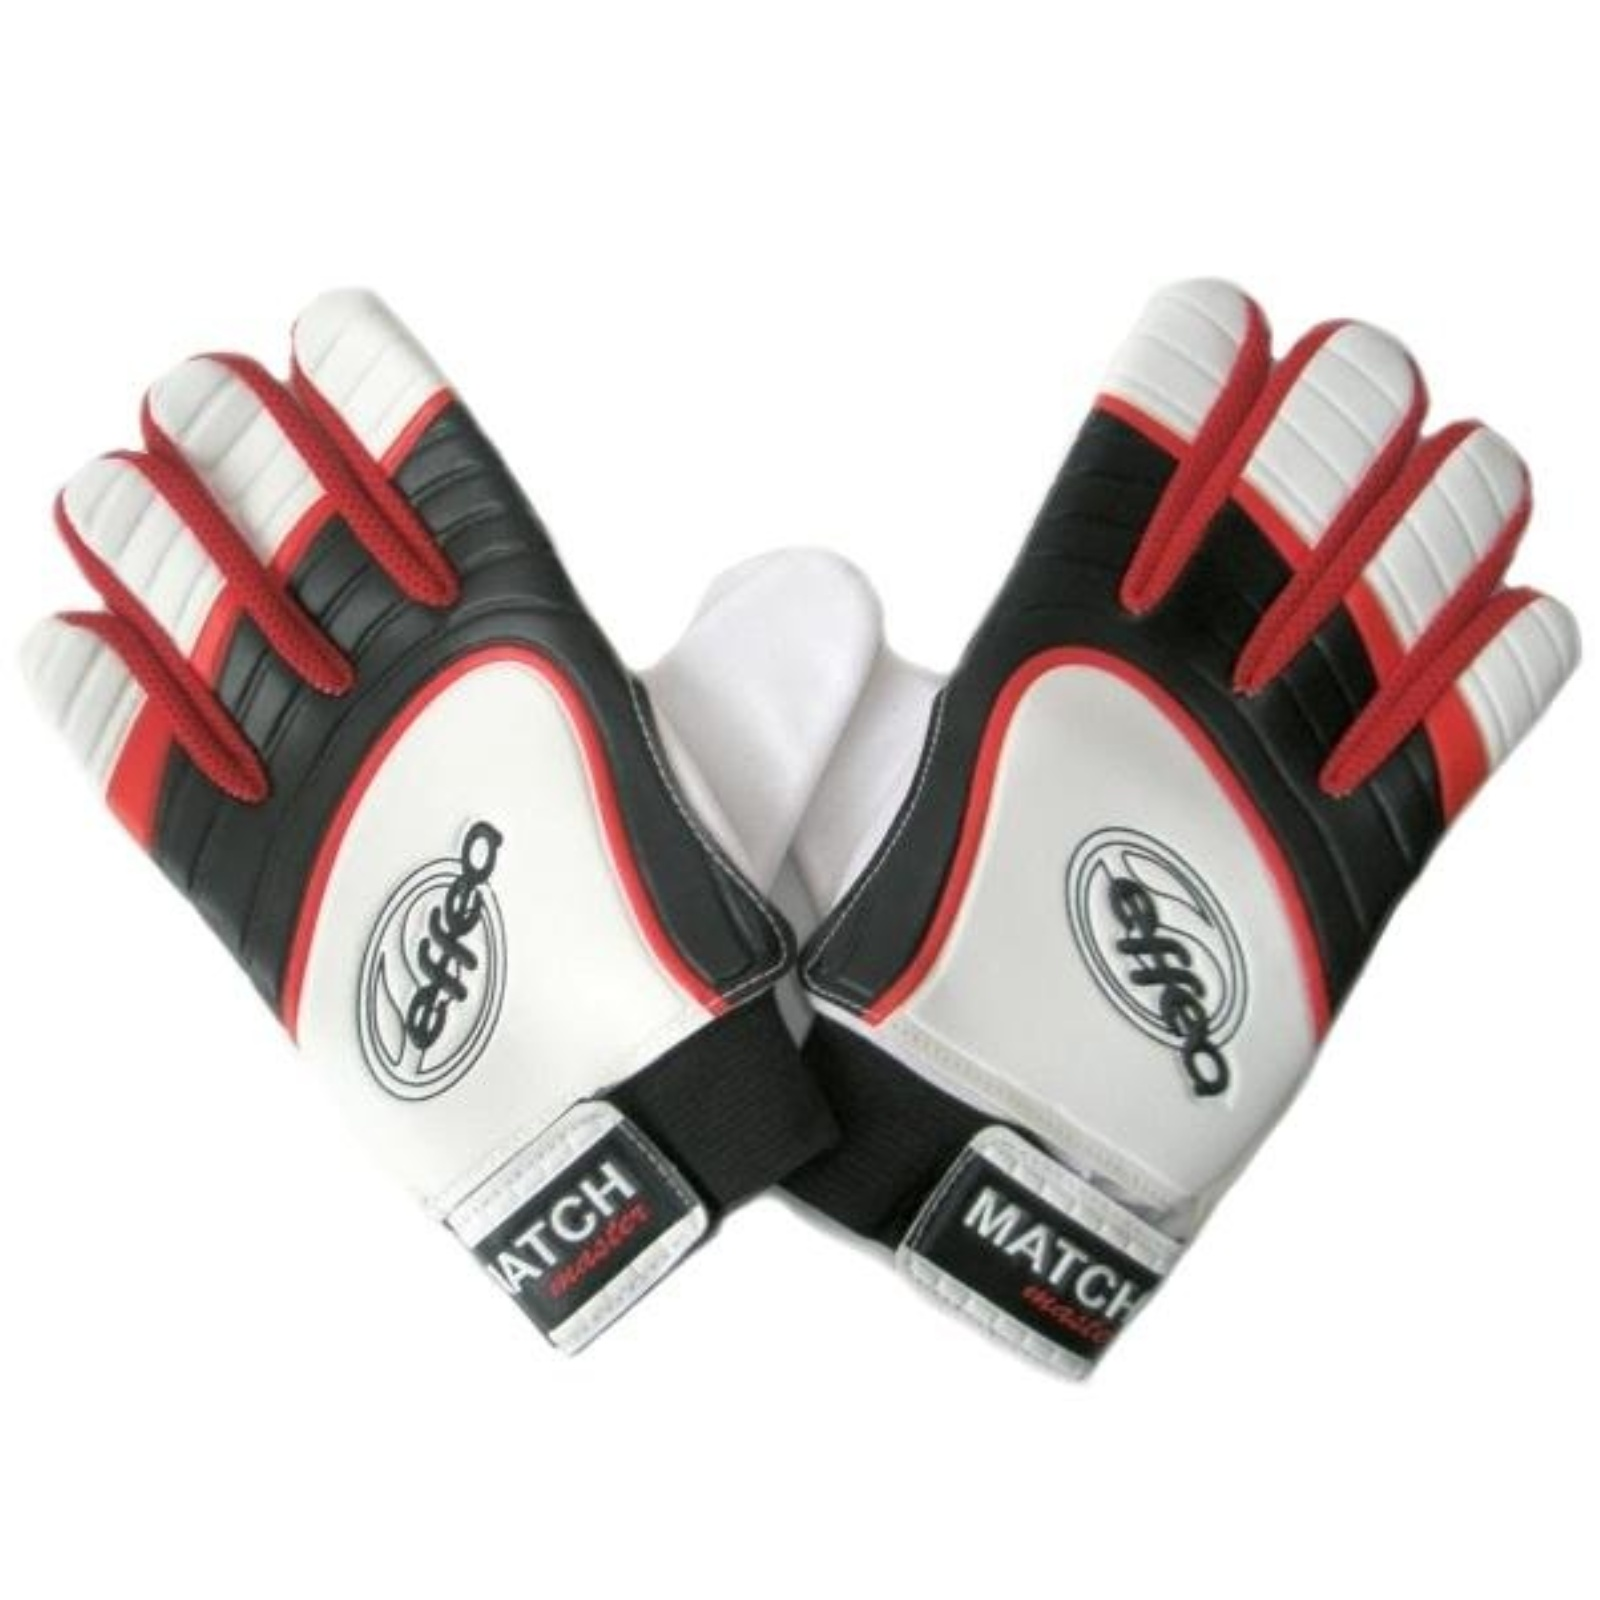 Fotbalové rukavice EFFEA 6019 dětské - vel. 7